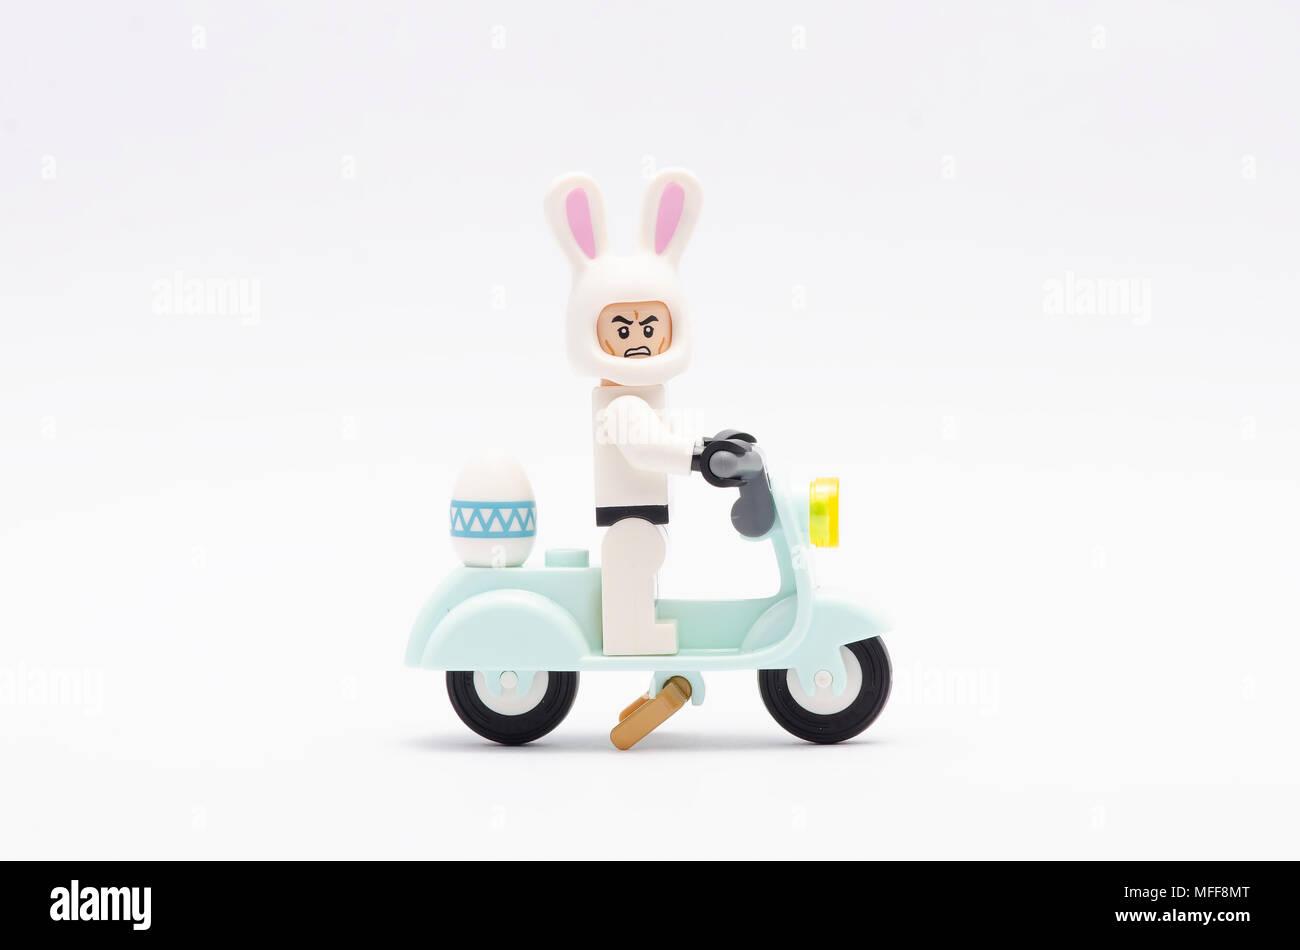 Happy Easter Bunny Cartoon Isolated Stockfotos & Happy Easter Bunny ...